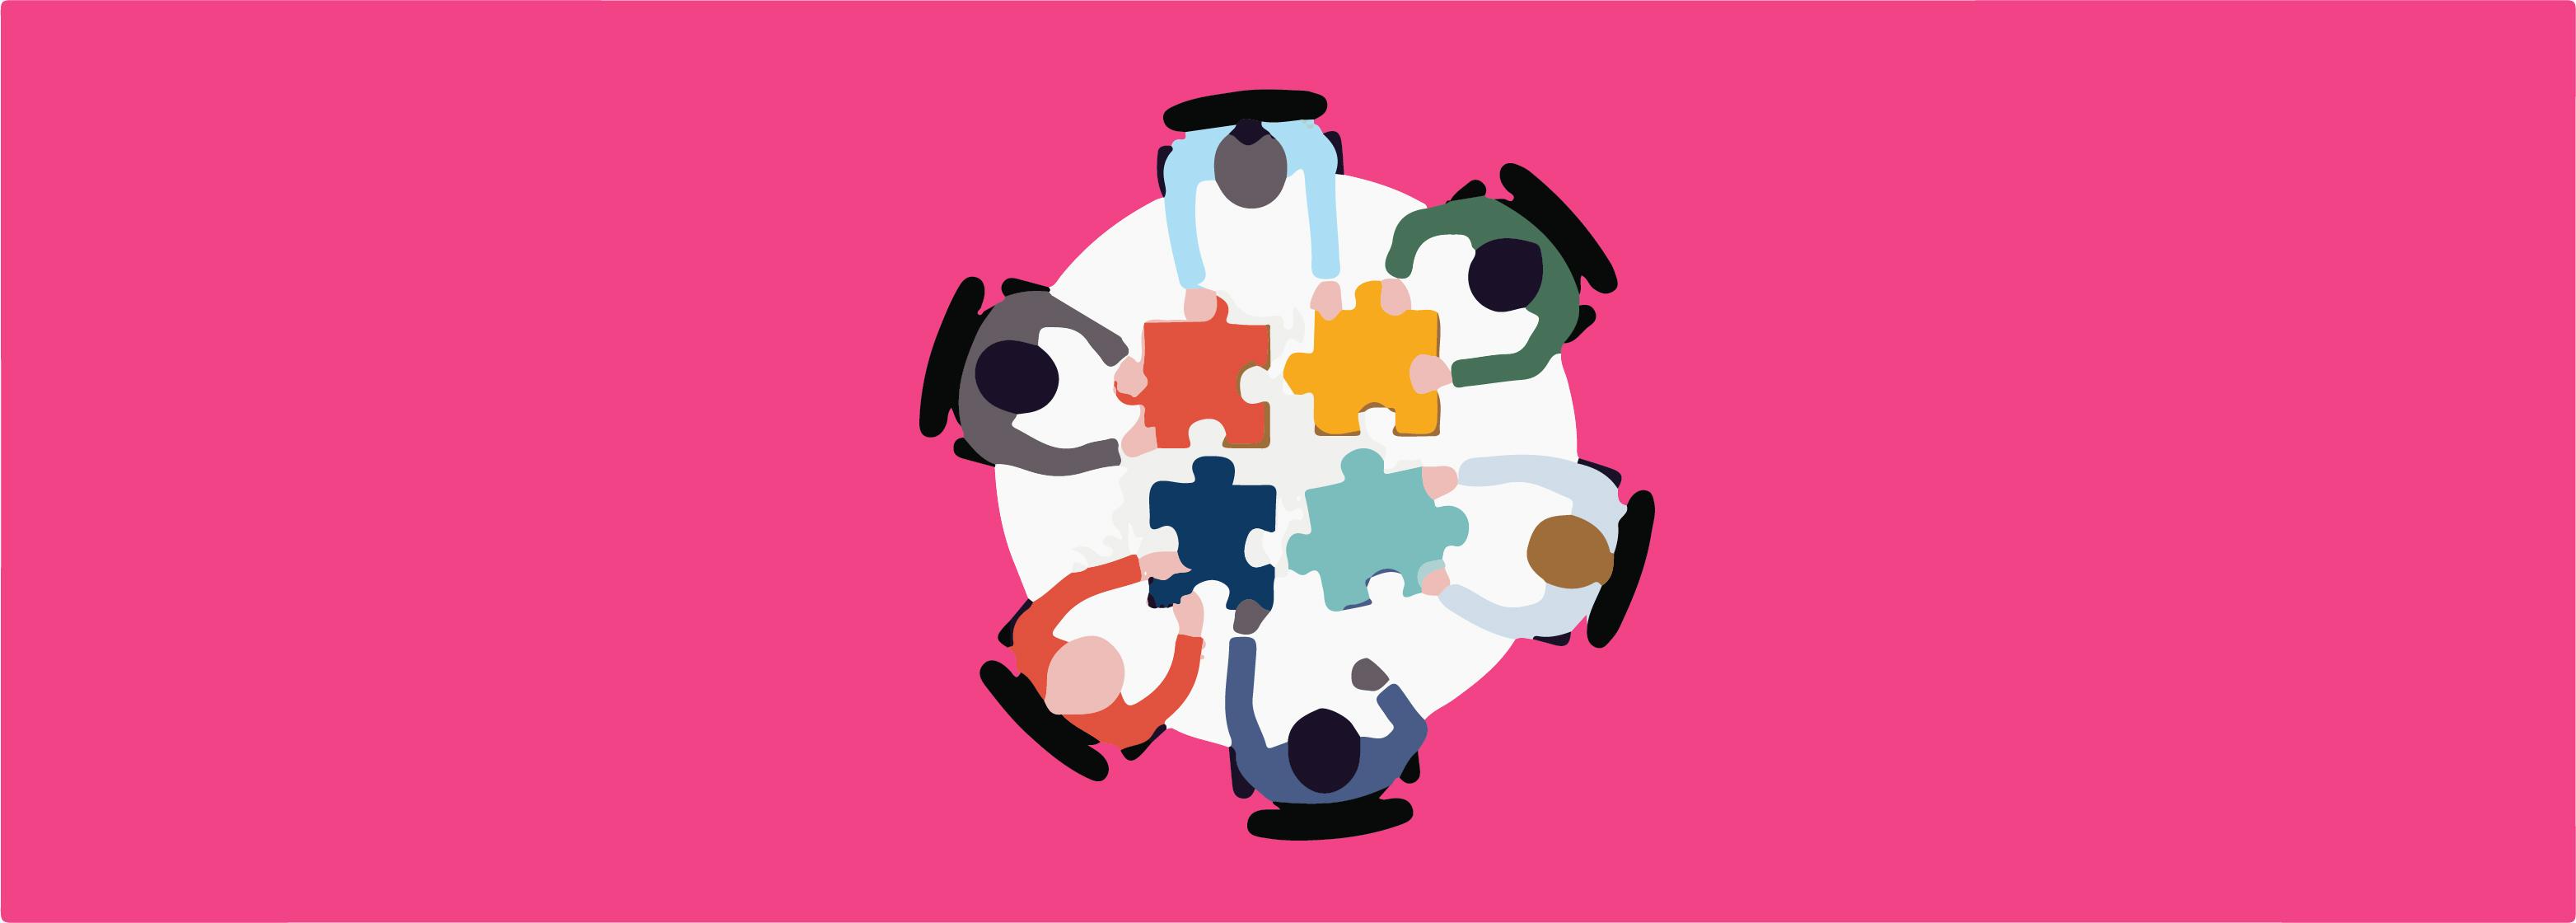 六趣营销课堂:CMS内容管理系统